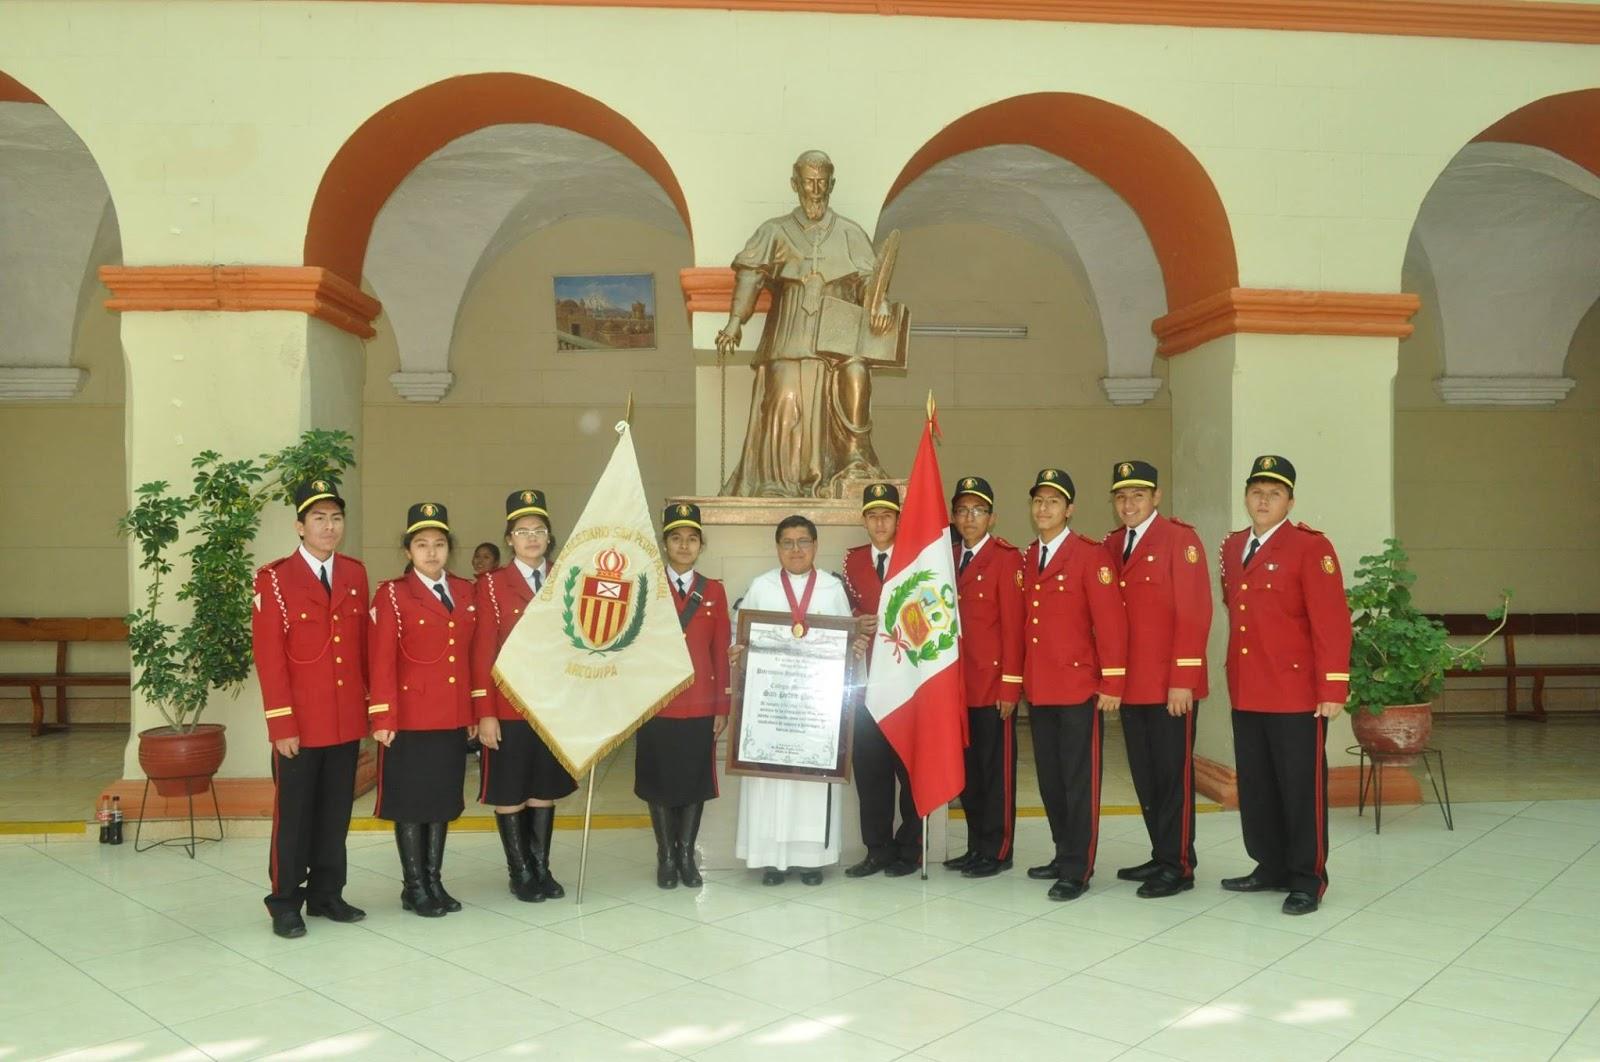 Pedro Pascual san colegio arequipa